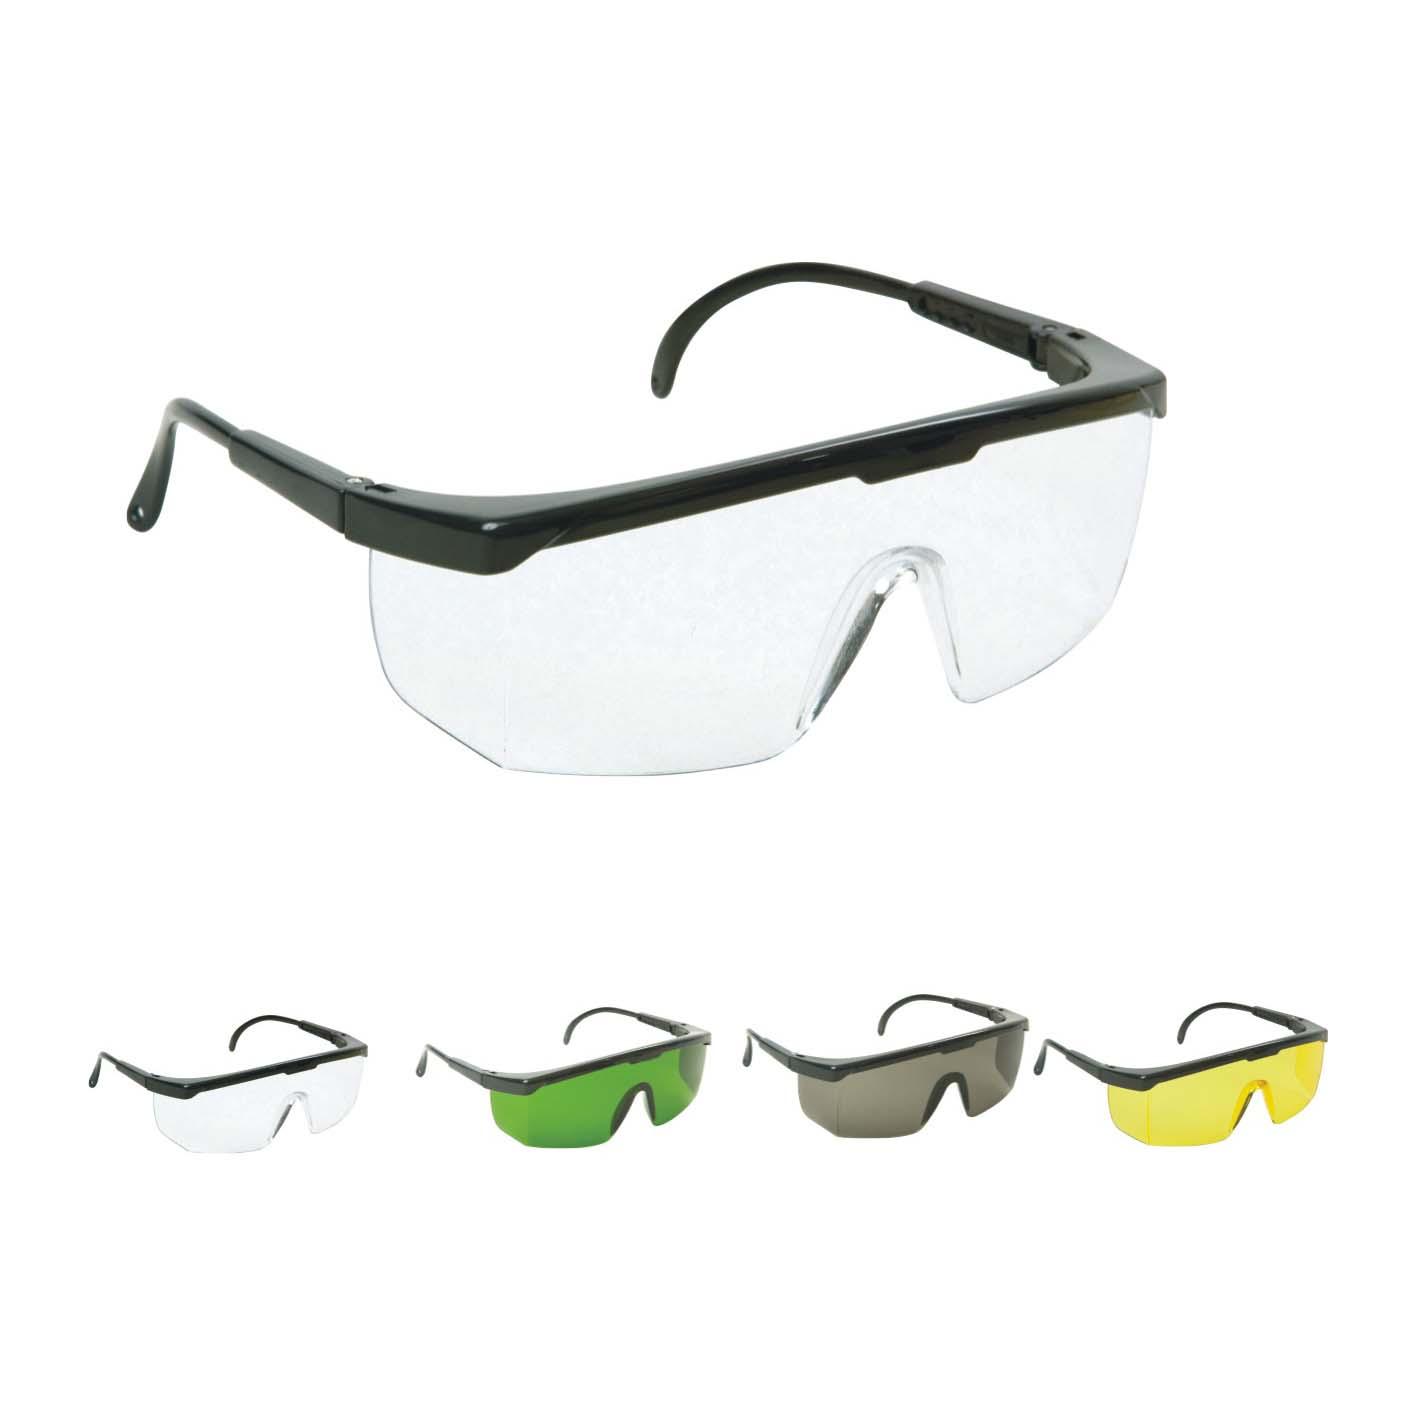 5a4e1cdba1f88 Óculos de Segurança Spectra 2000 - Carbografite